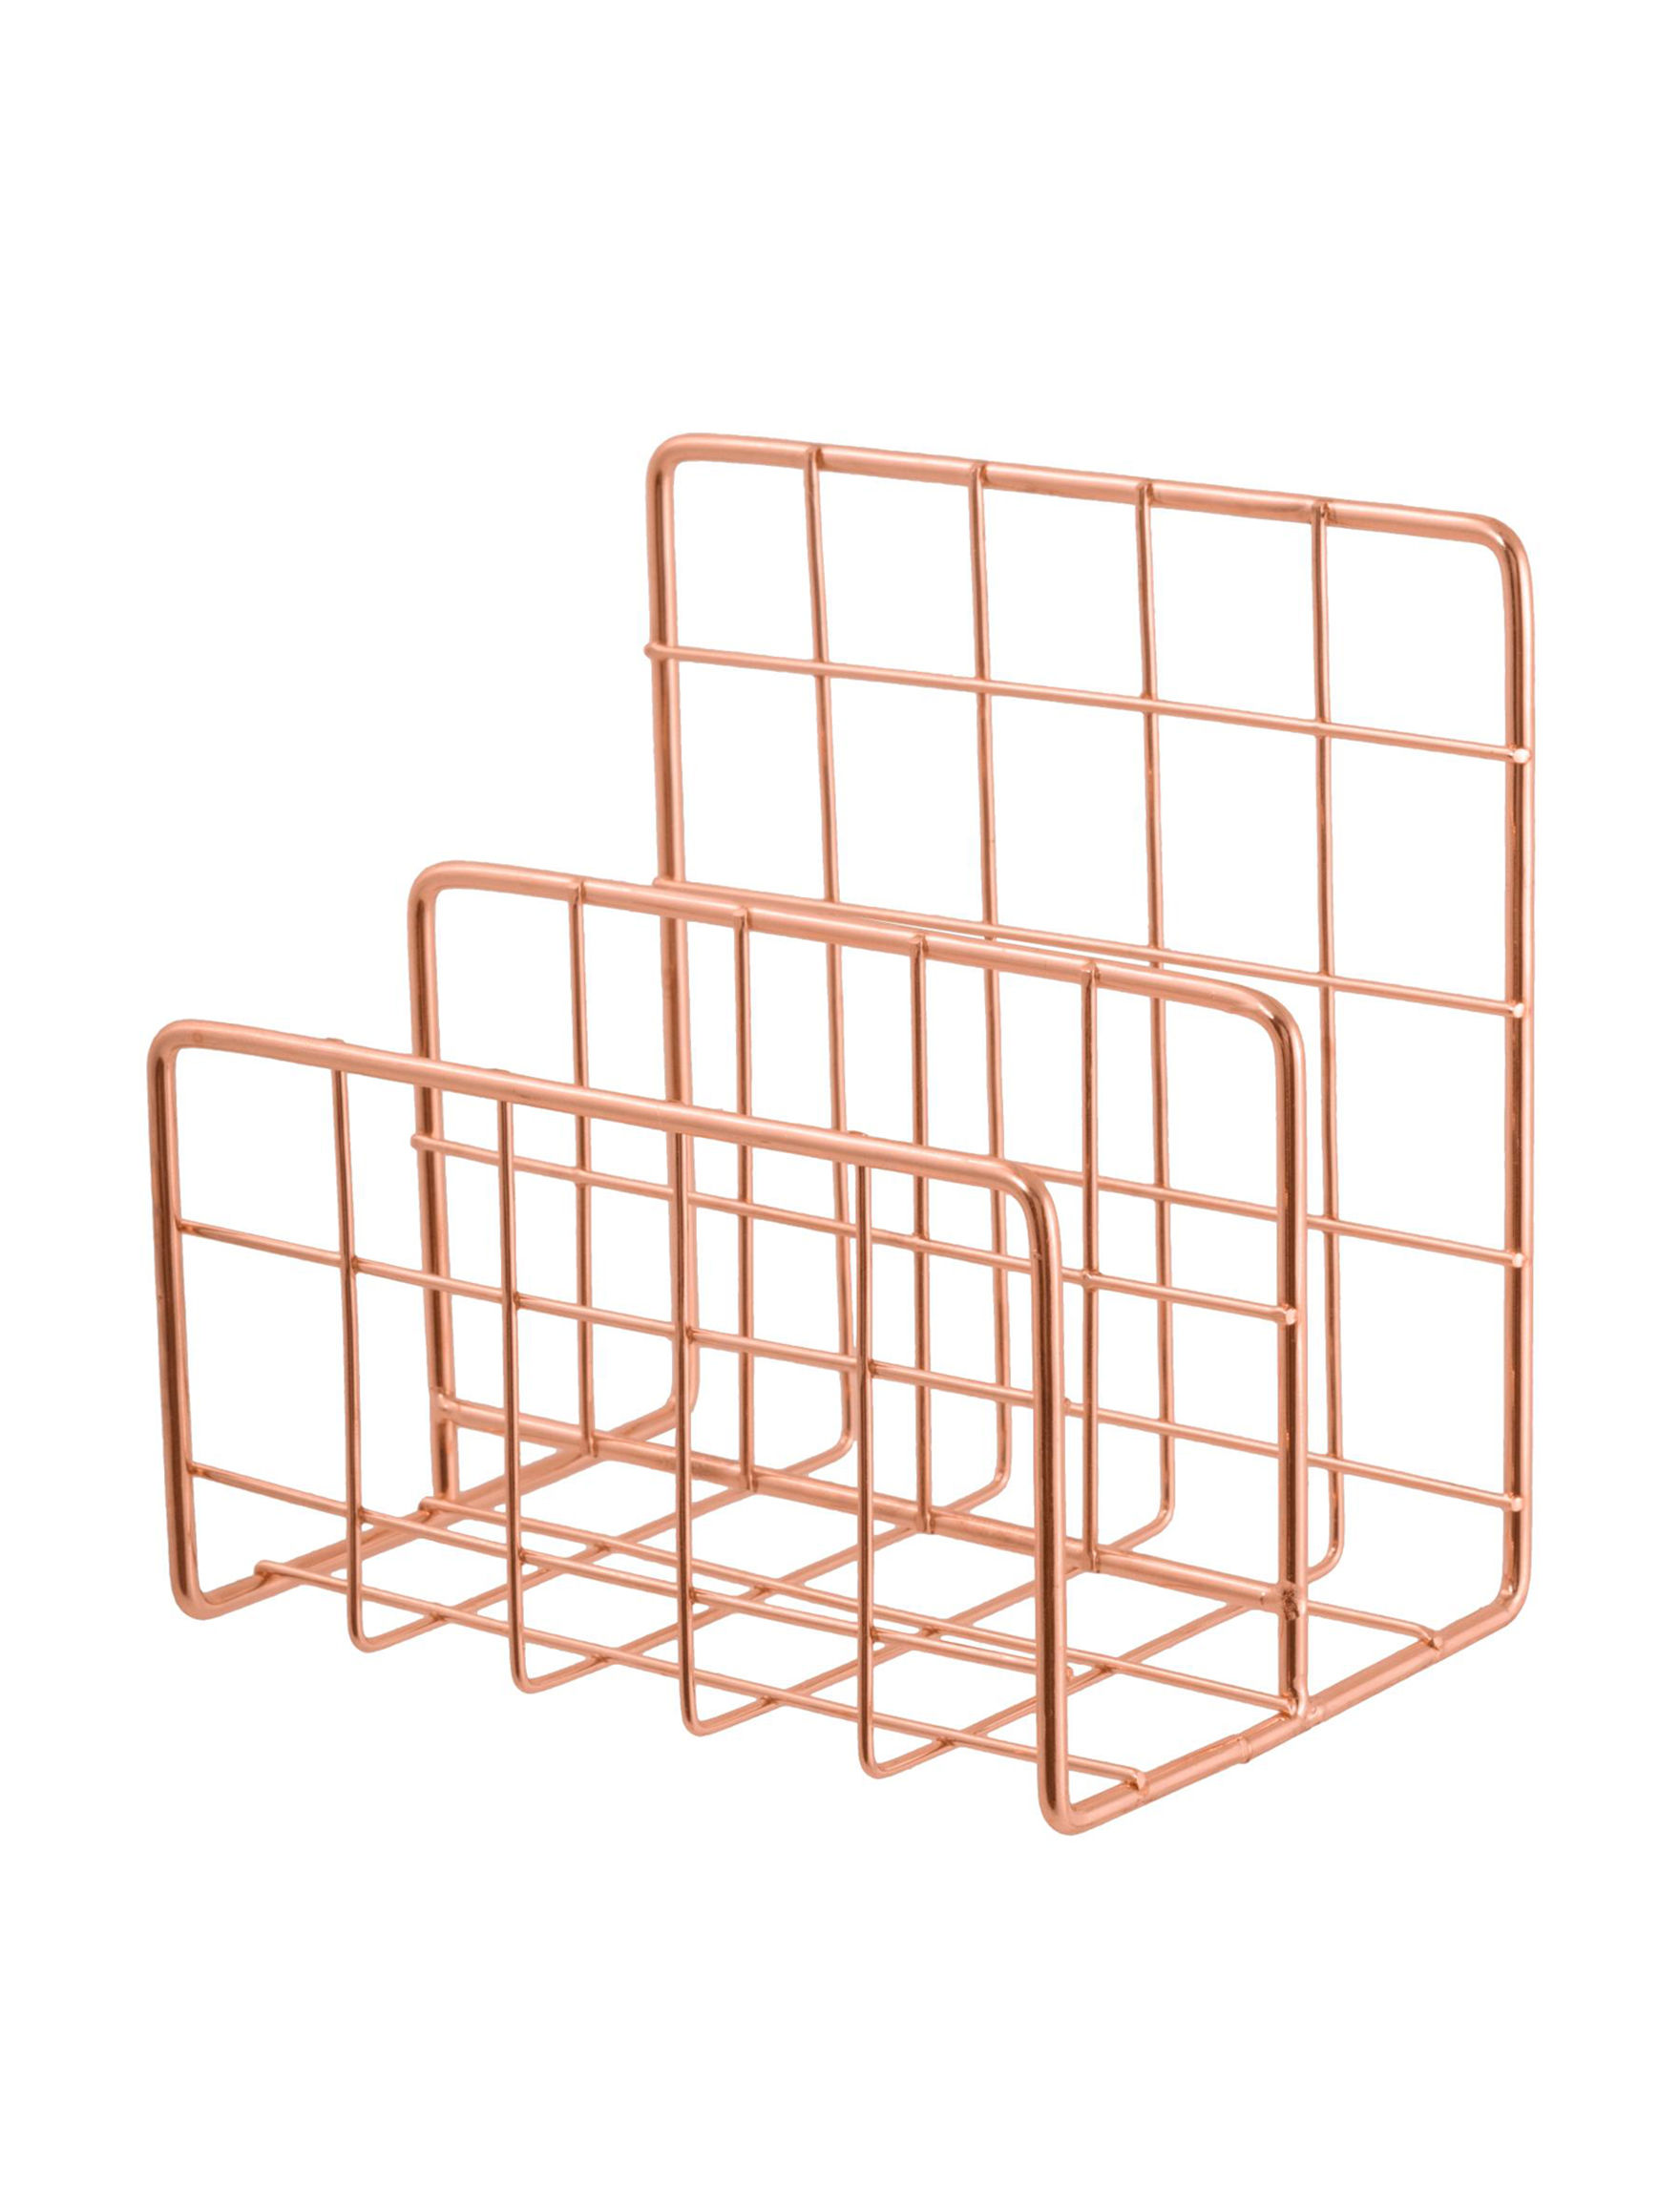 Eccolo Copper Accessories School & Office Supplies